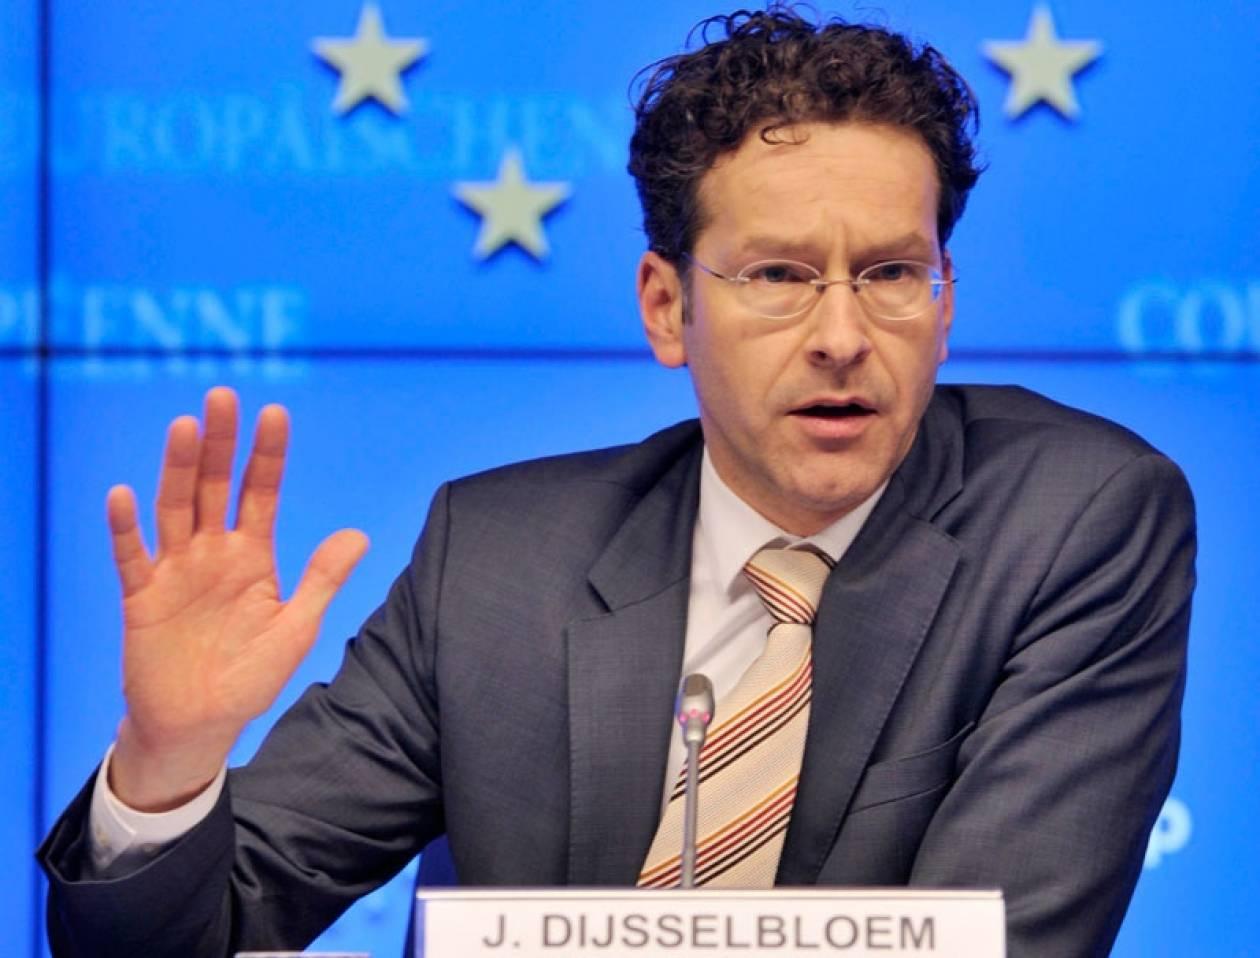 Ντάισελμπλουμ: Μετά τις ευρωεκλογές οι αποφάσεις για την Ελλάδα